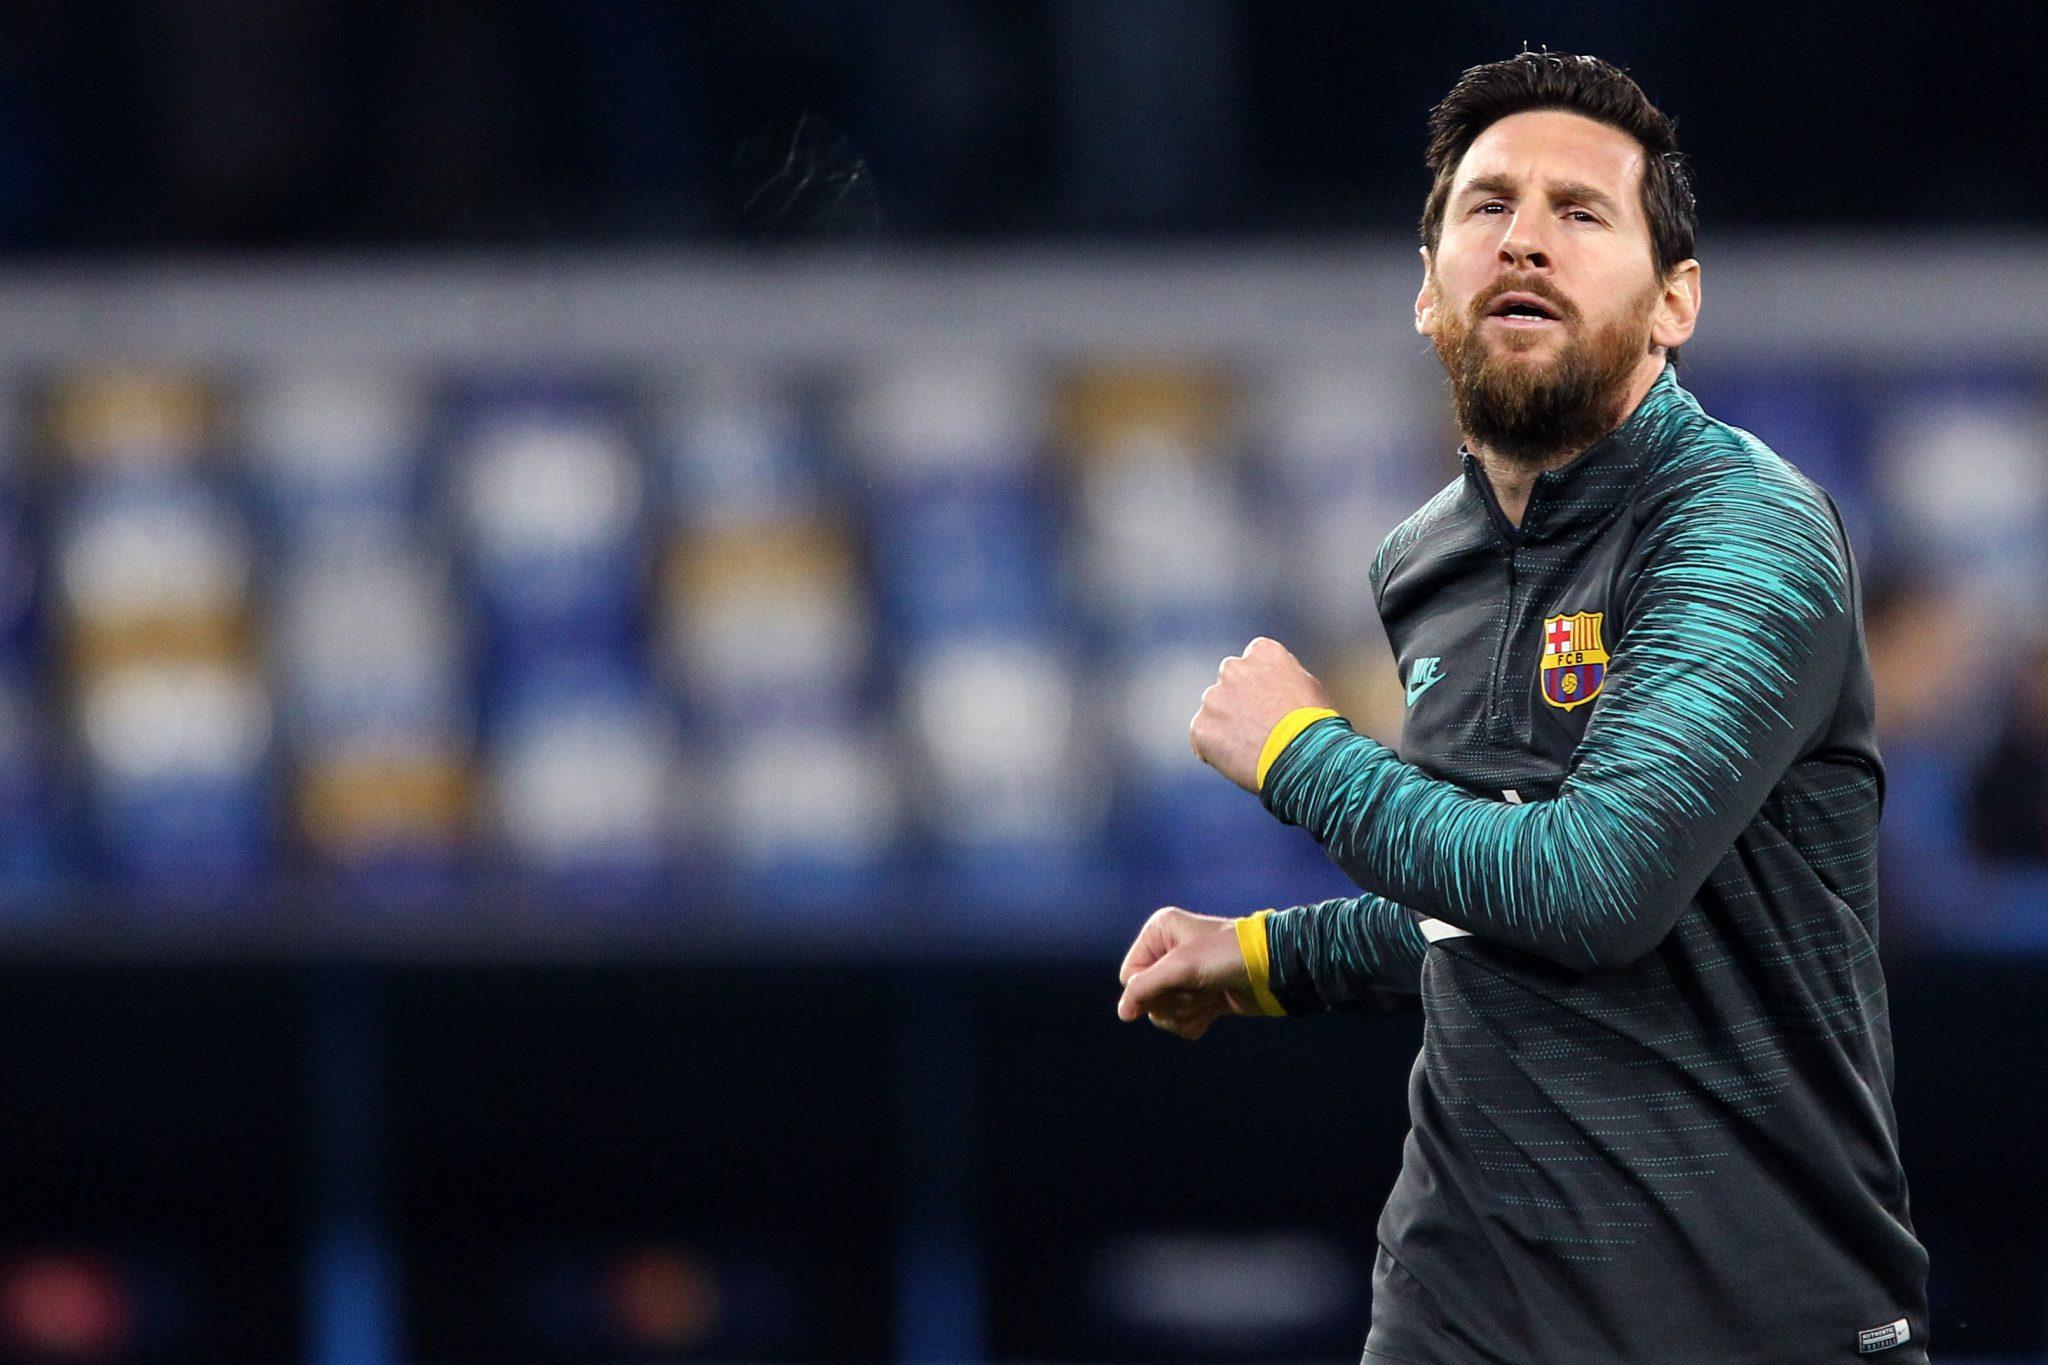 Napoli - Italy. Uefa Champions League 2019-20 - Ssc Napoli vs Barcelona Fc -  Lionel Messi of Fc Barcelona